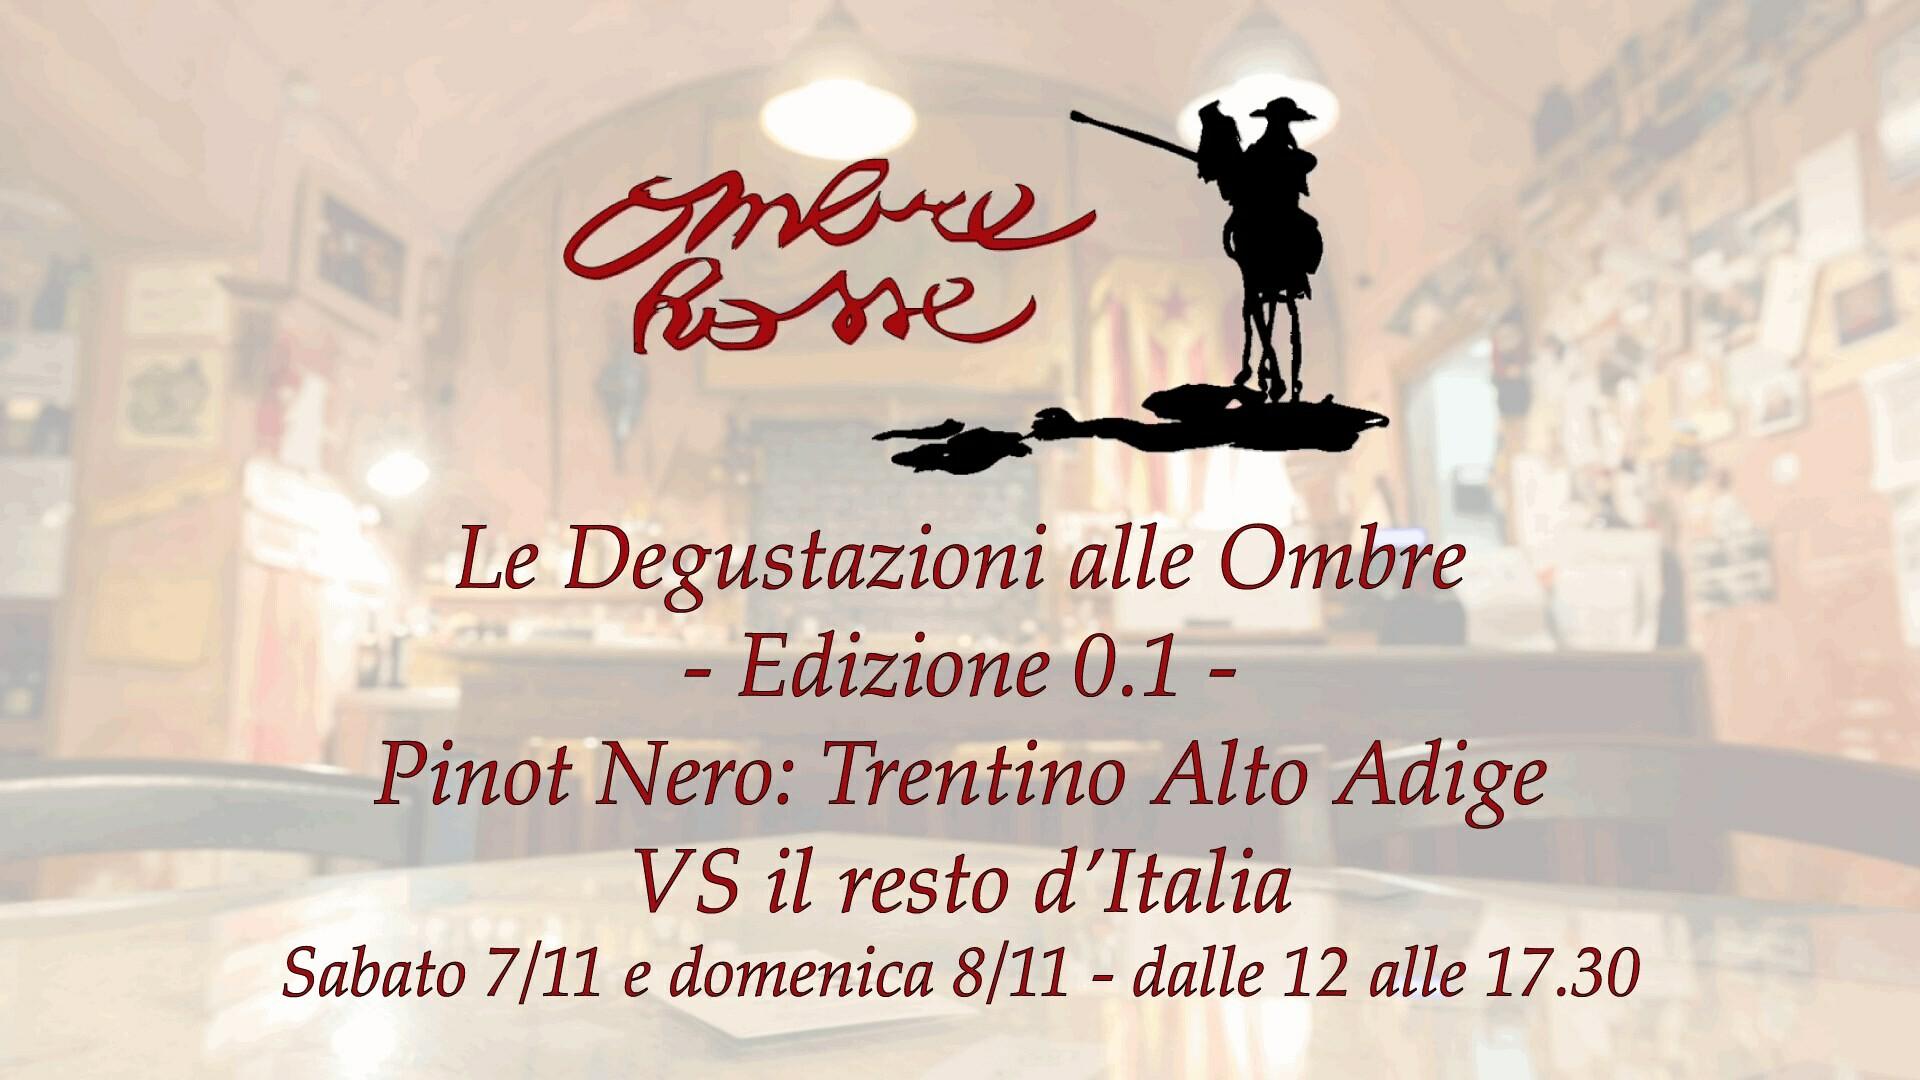 Le Degustazioni alle Ombre - Edizione 0.1 - Pinot Nero: Trentino Alto Adige VS il resto d'Italia